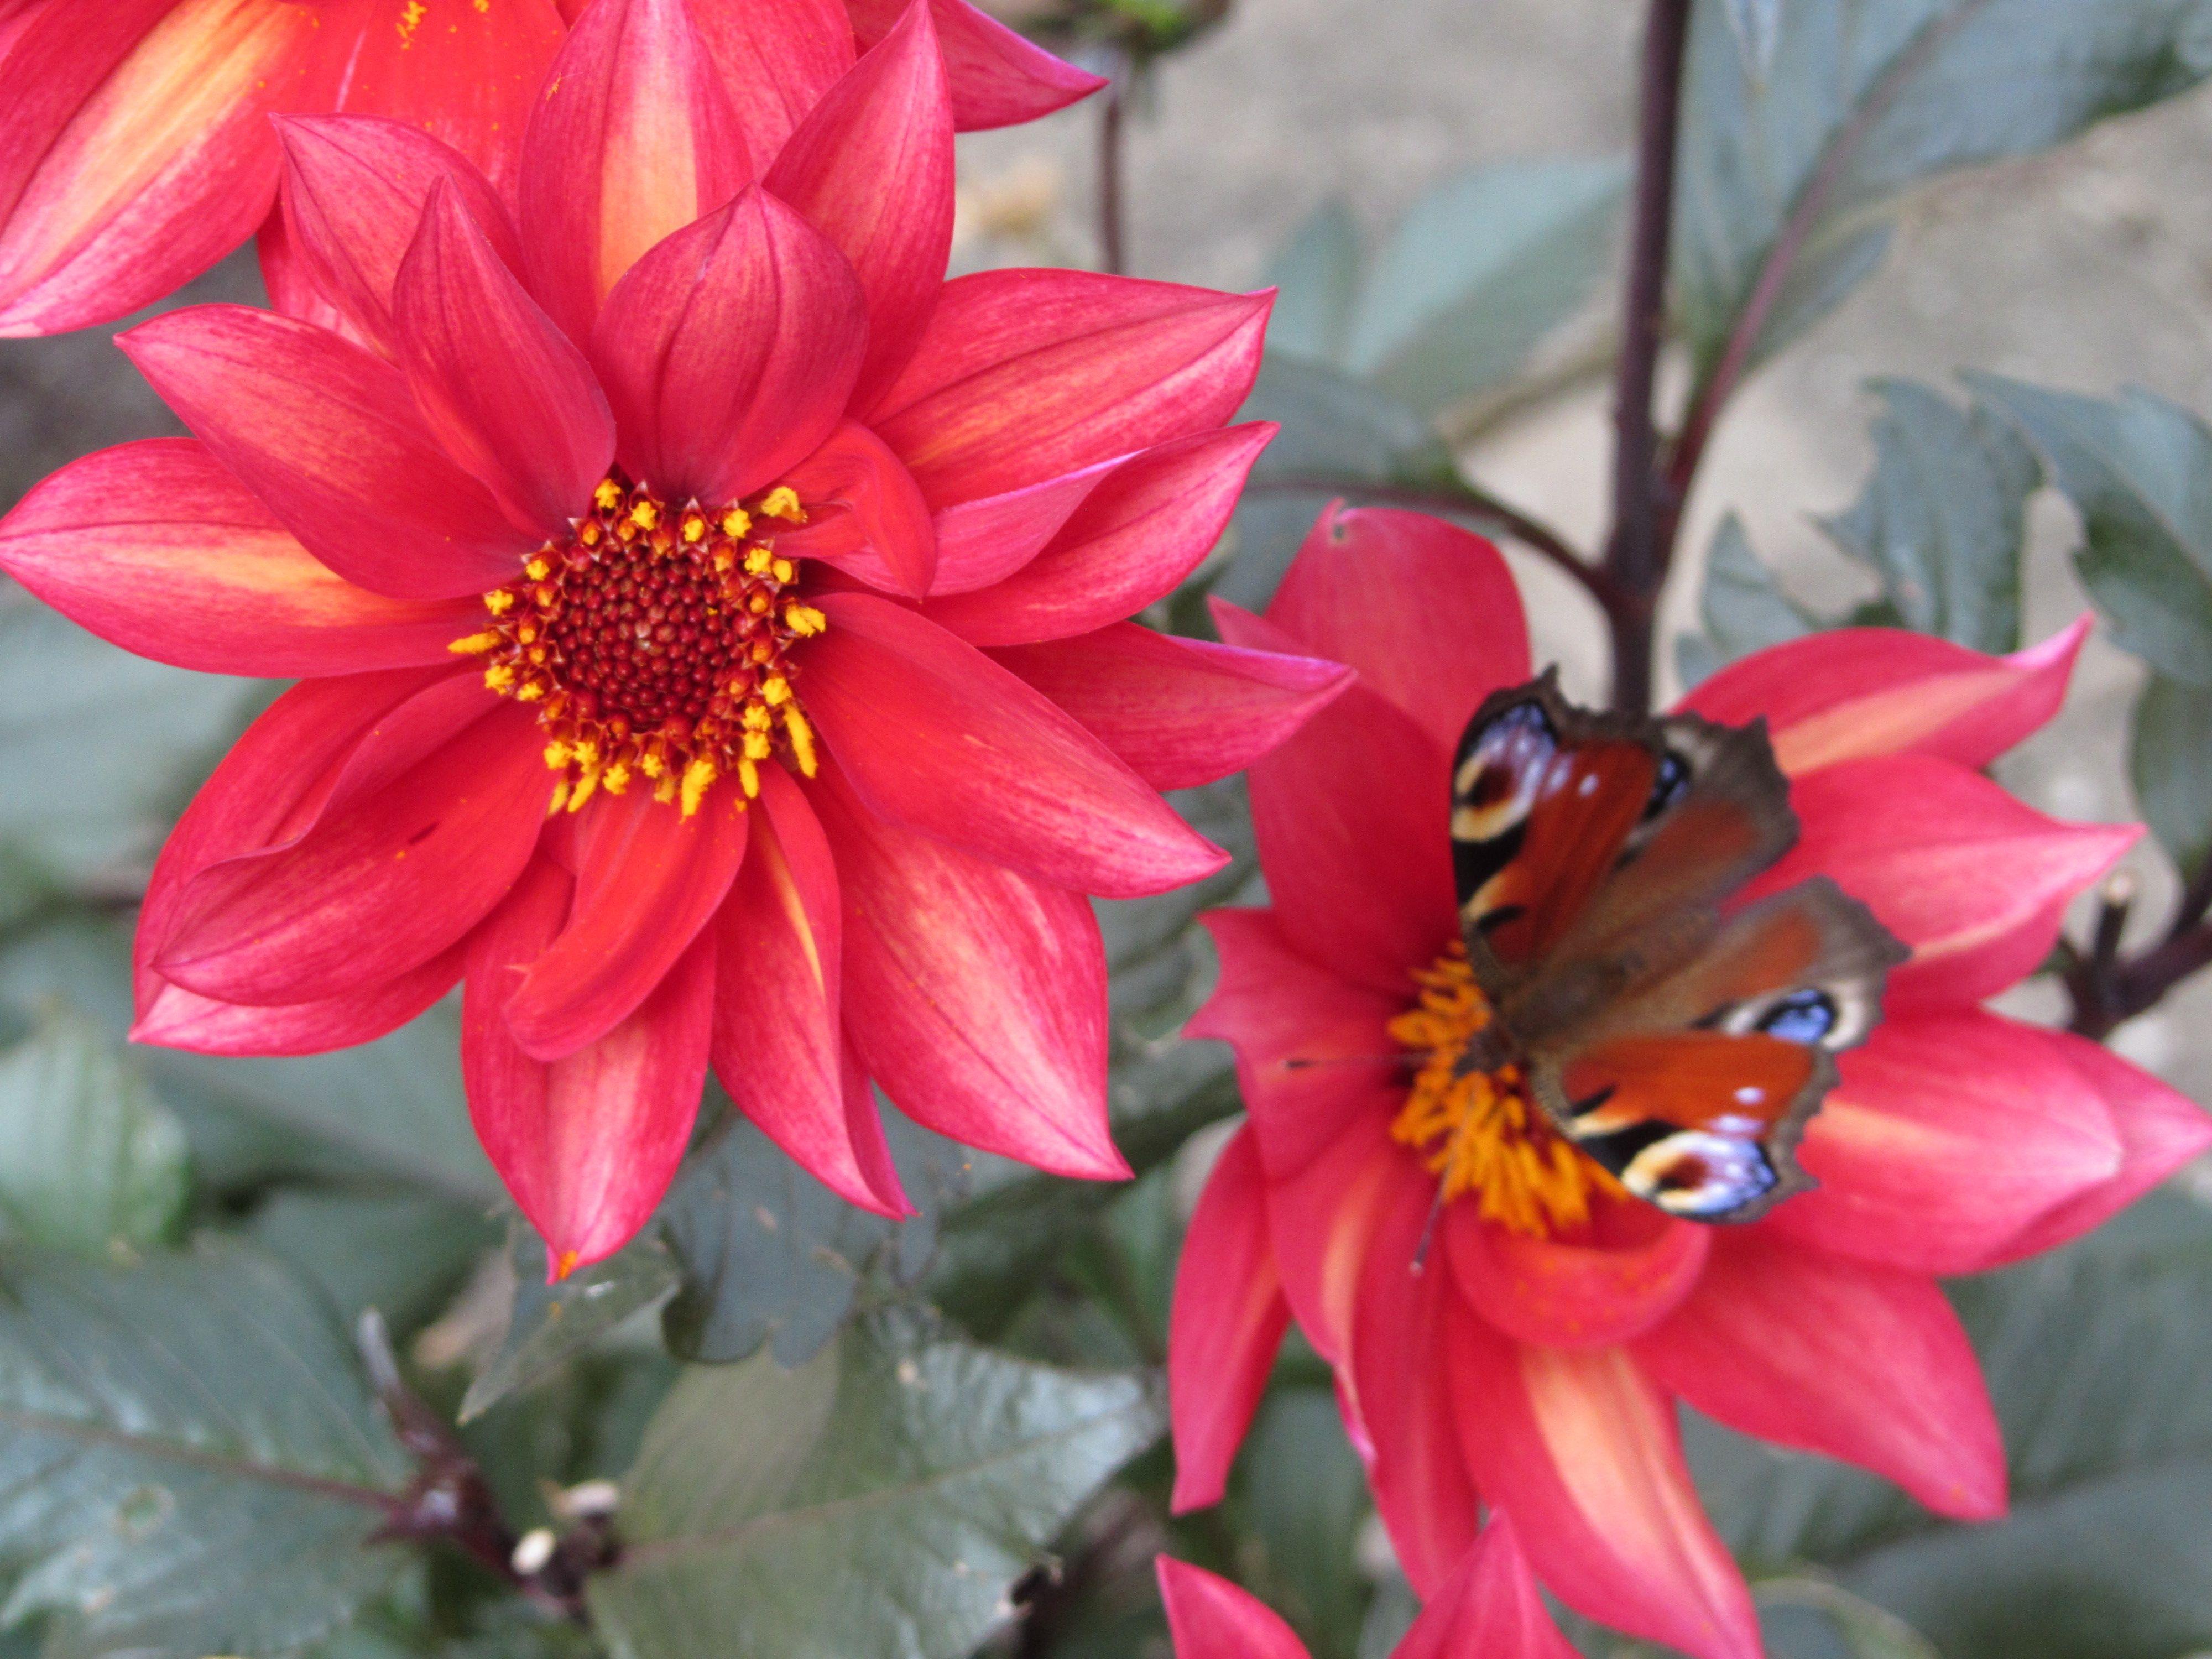 Dahlia waltzing mathilda mooie compacte dahlia voor in